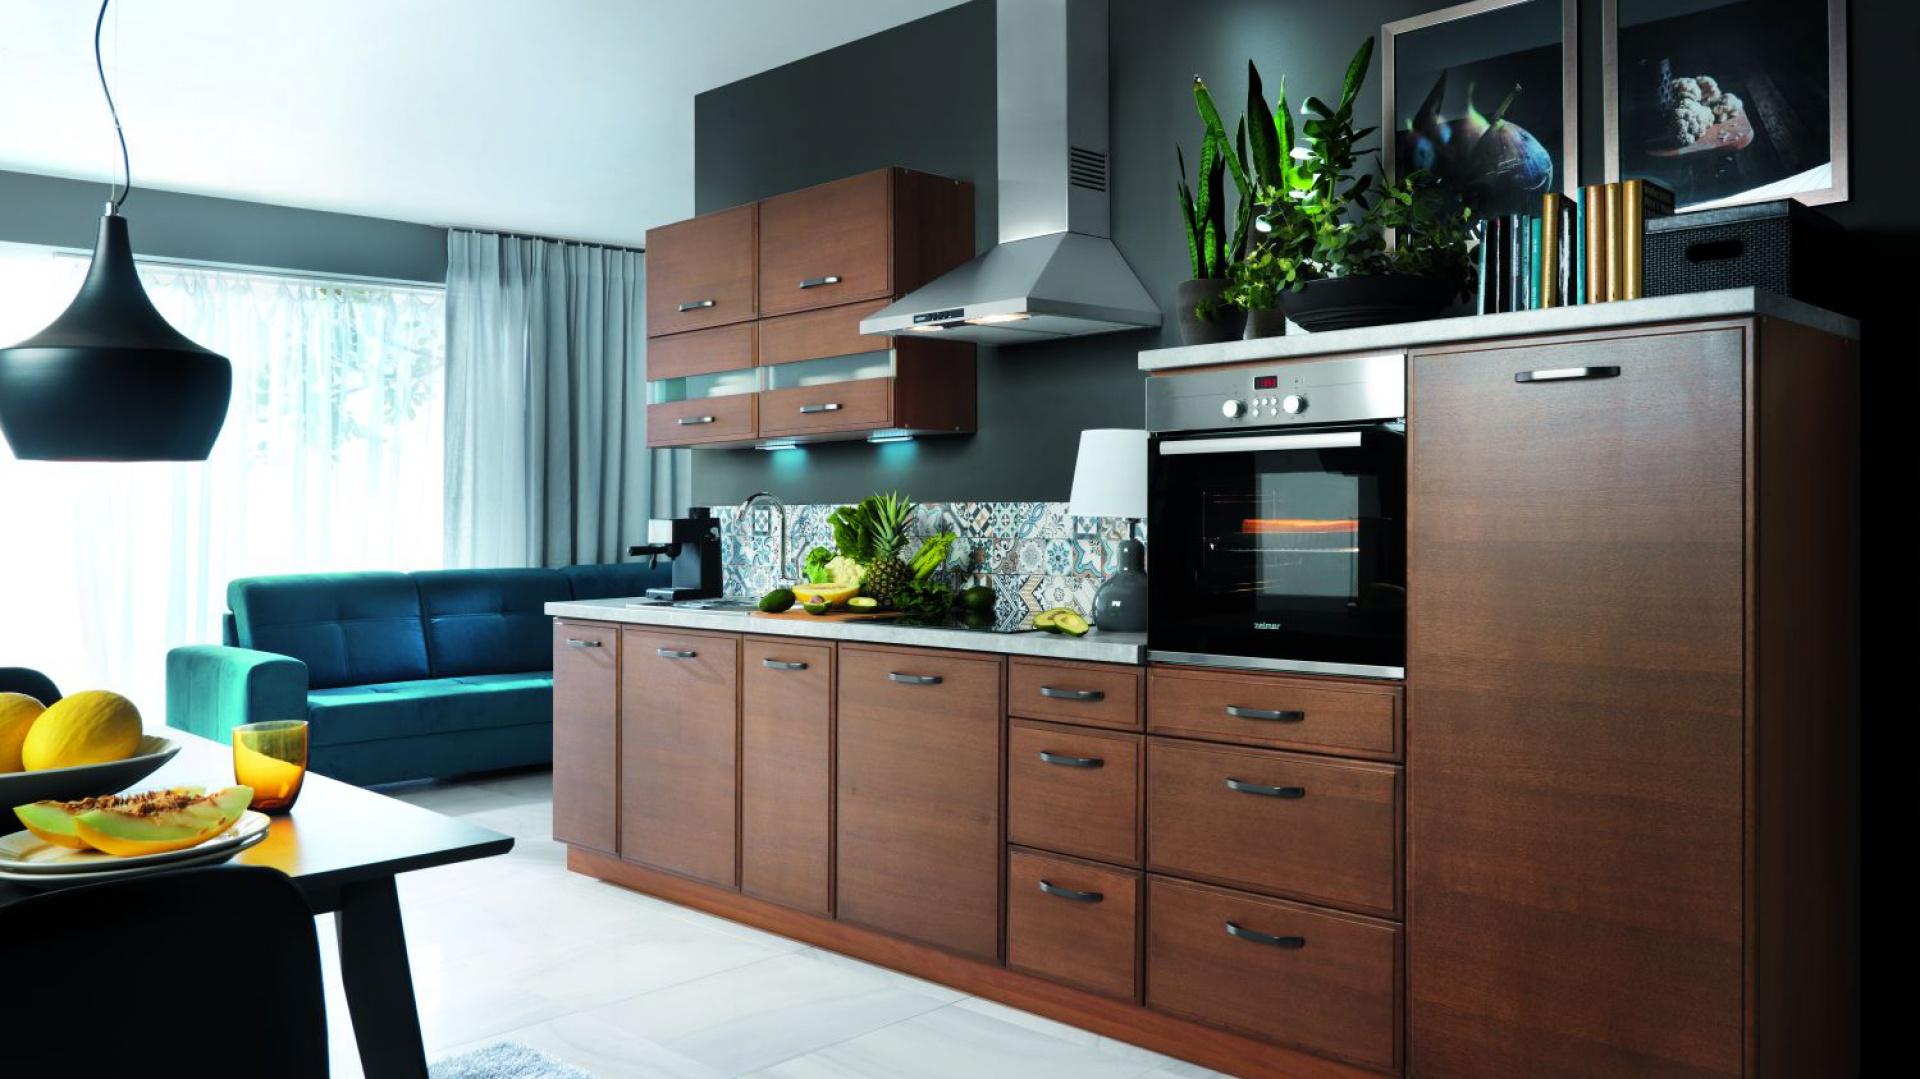 Ciemne wybarwienie drewna sprawia, że ten aneks kuchenny może wręcz udawać meblościankę w salonie. Fot. Black Red White, model Aplaus.